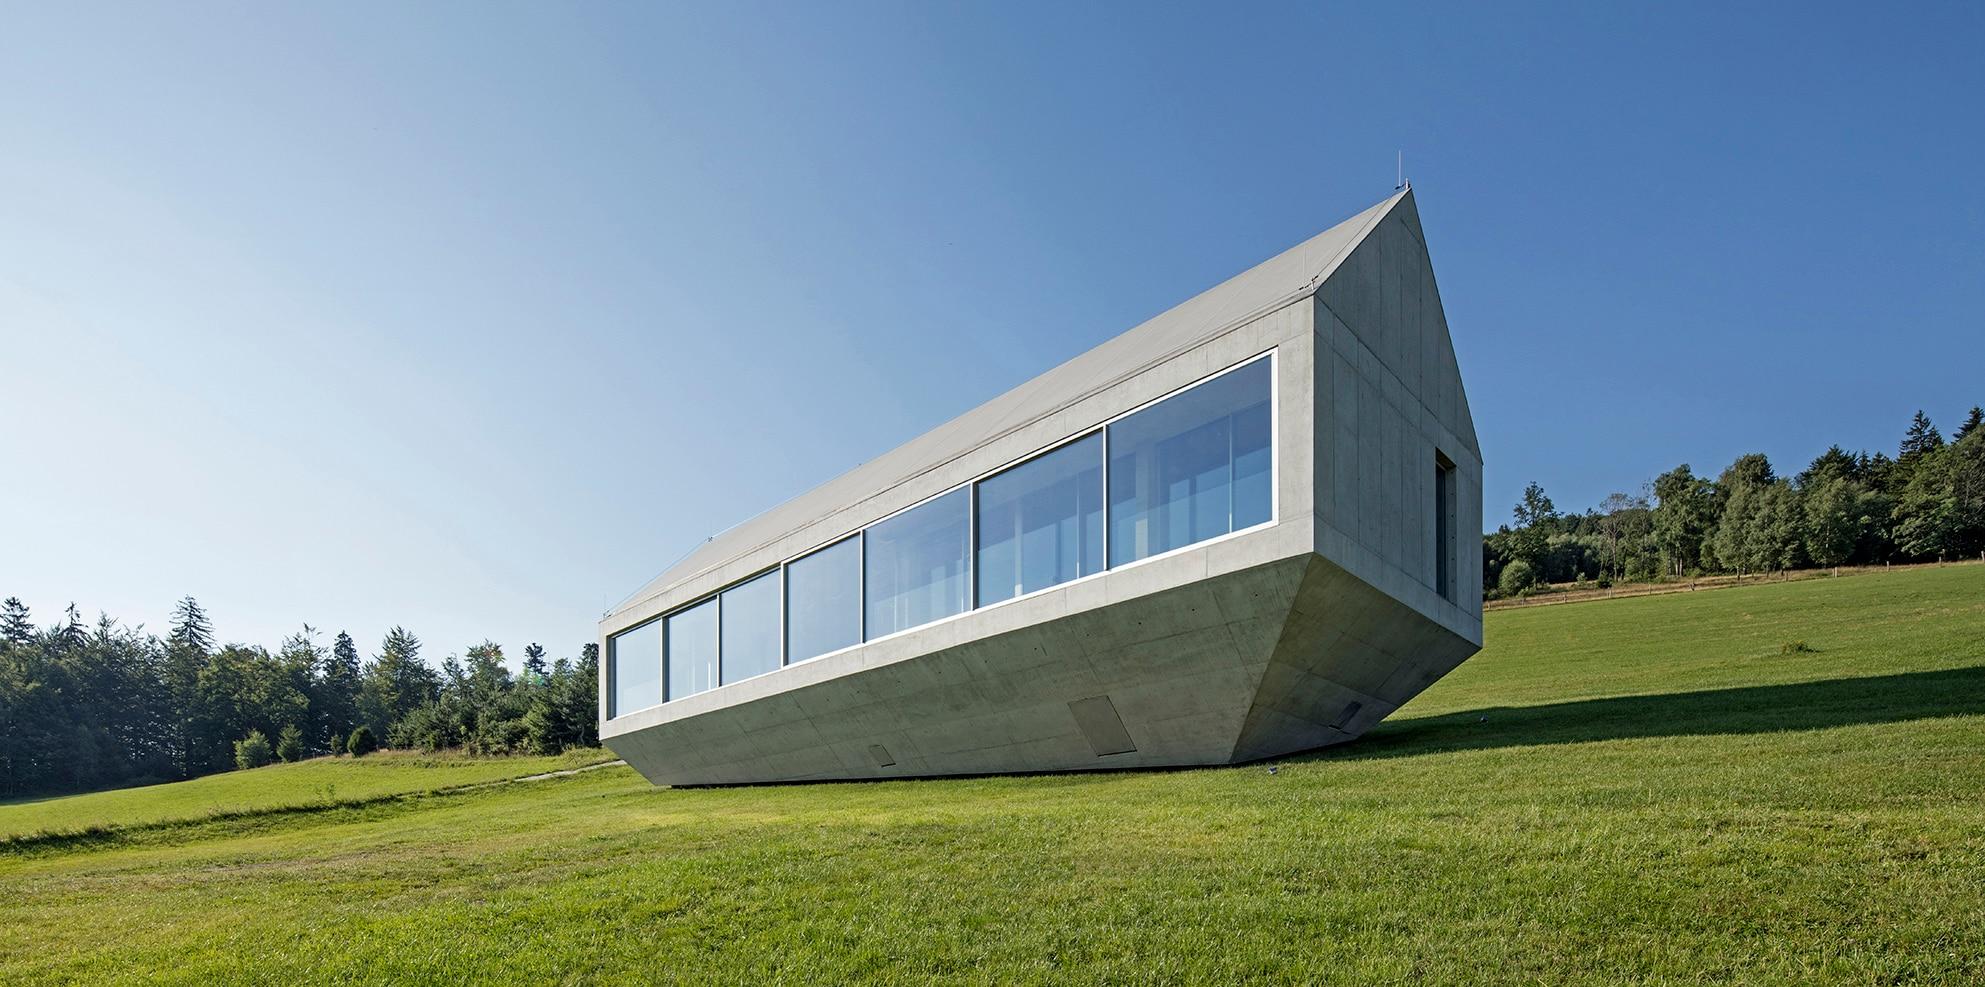 The 'ark' house